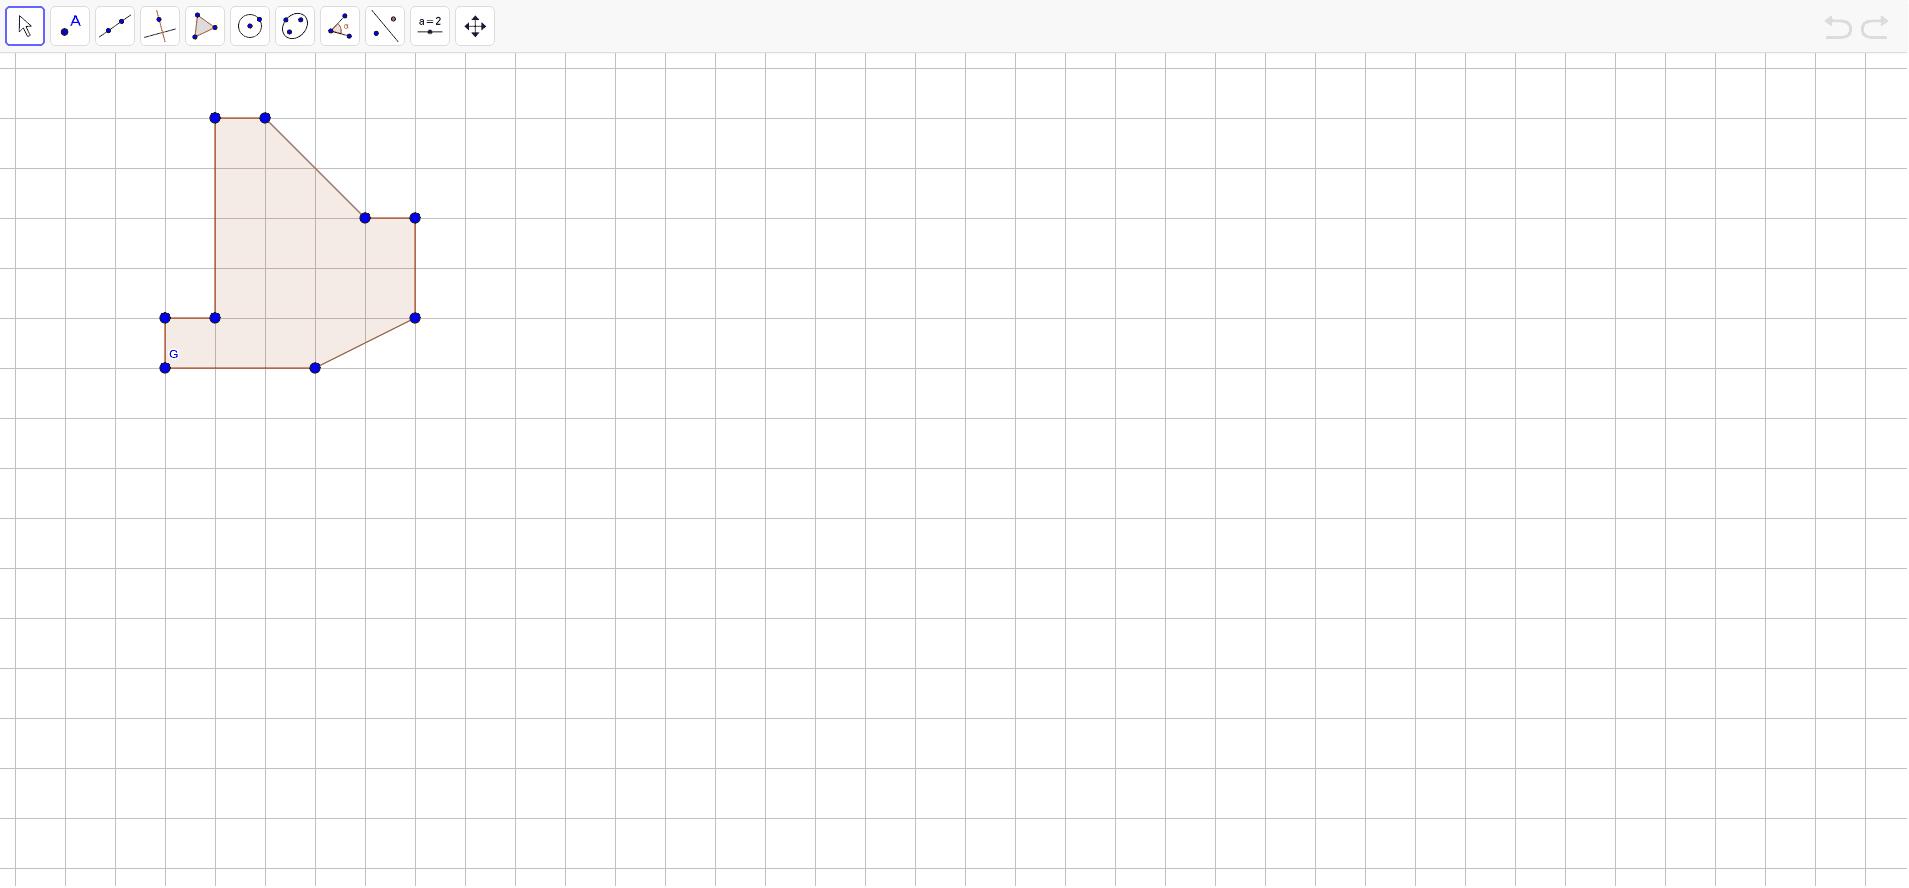 """Zarotirati nacrtan lik oko točke G u smjeru kazaljke na satu za 90 stupnjeva. Provjeriti točnost rješenja uz pomoć alata """"rotate around point""""."""